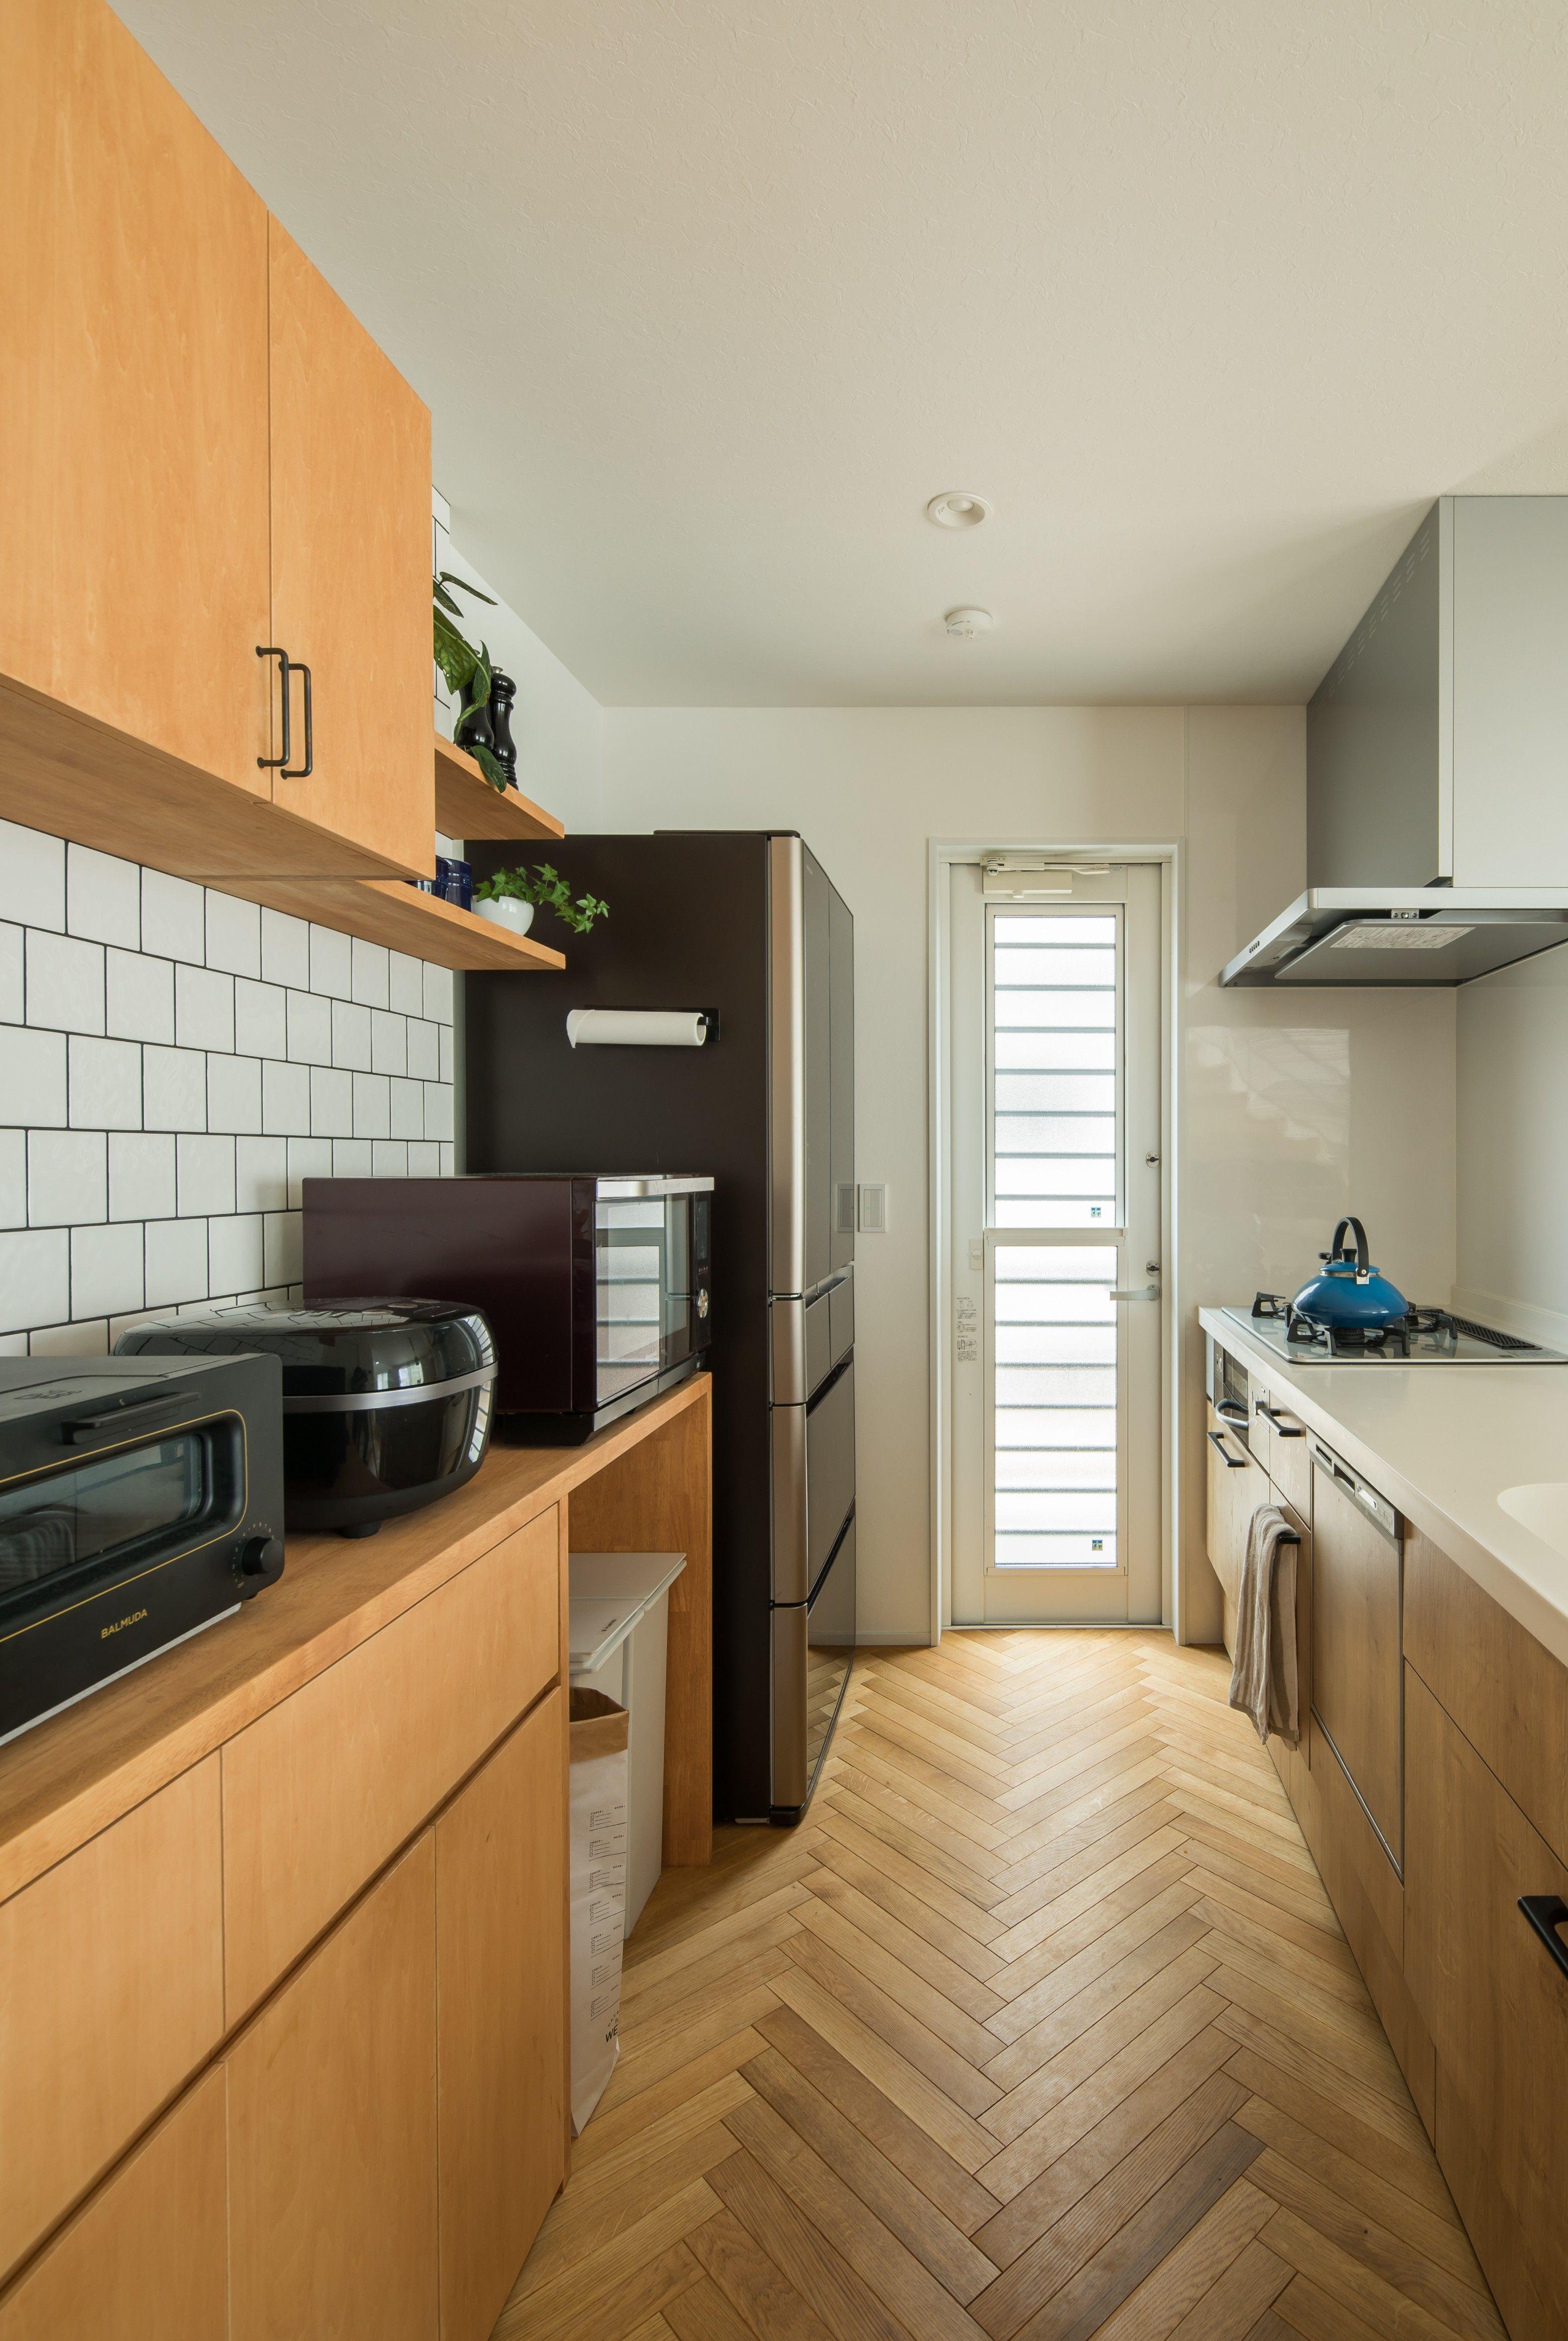 乾物や調味料の収納アイデアも 真似したい素敵な 冷蔵庫収納 を一挙ご紹介 Folk 収納 アイデア 冷蔵庫 収納 収納